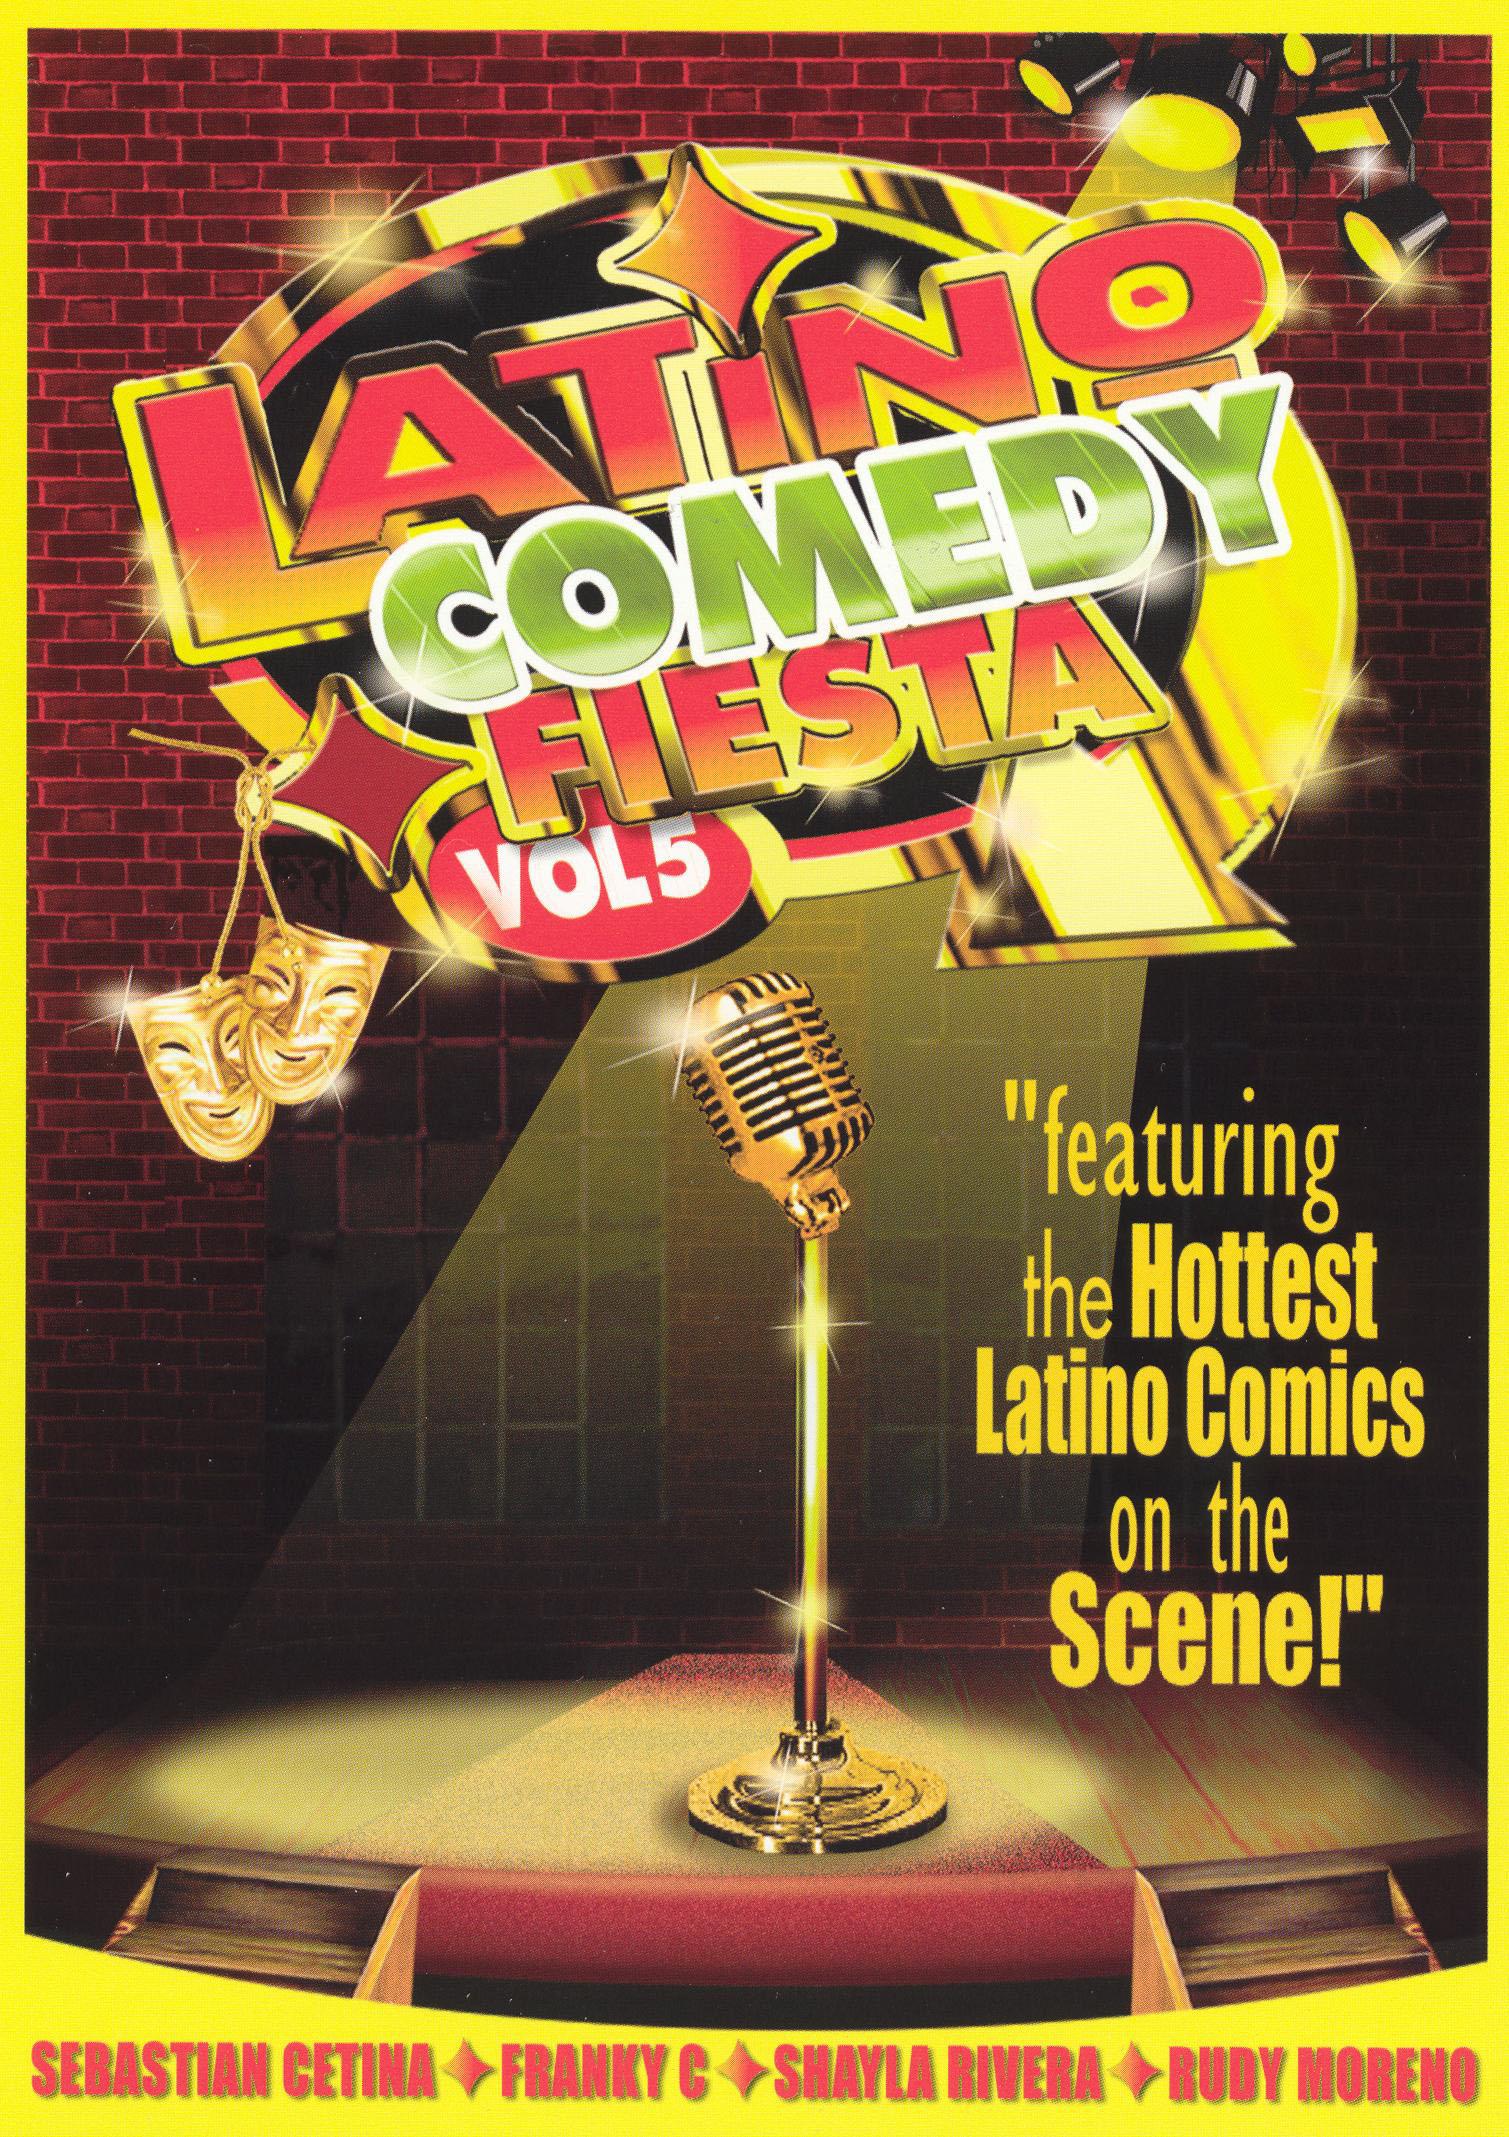 Latino Comedy Fiesta, Vol. 5